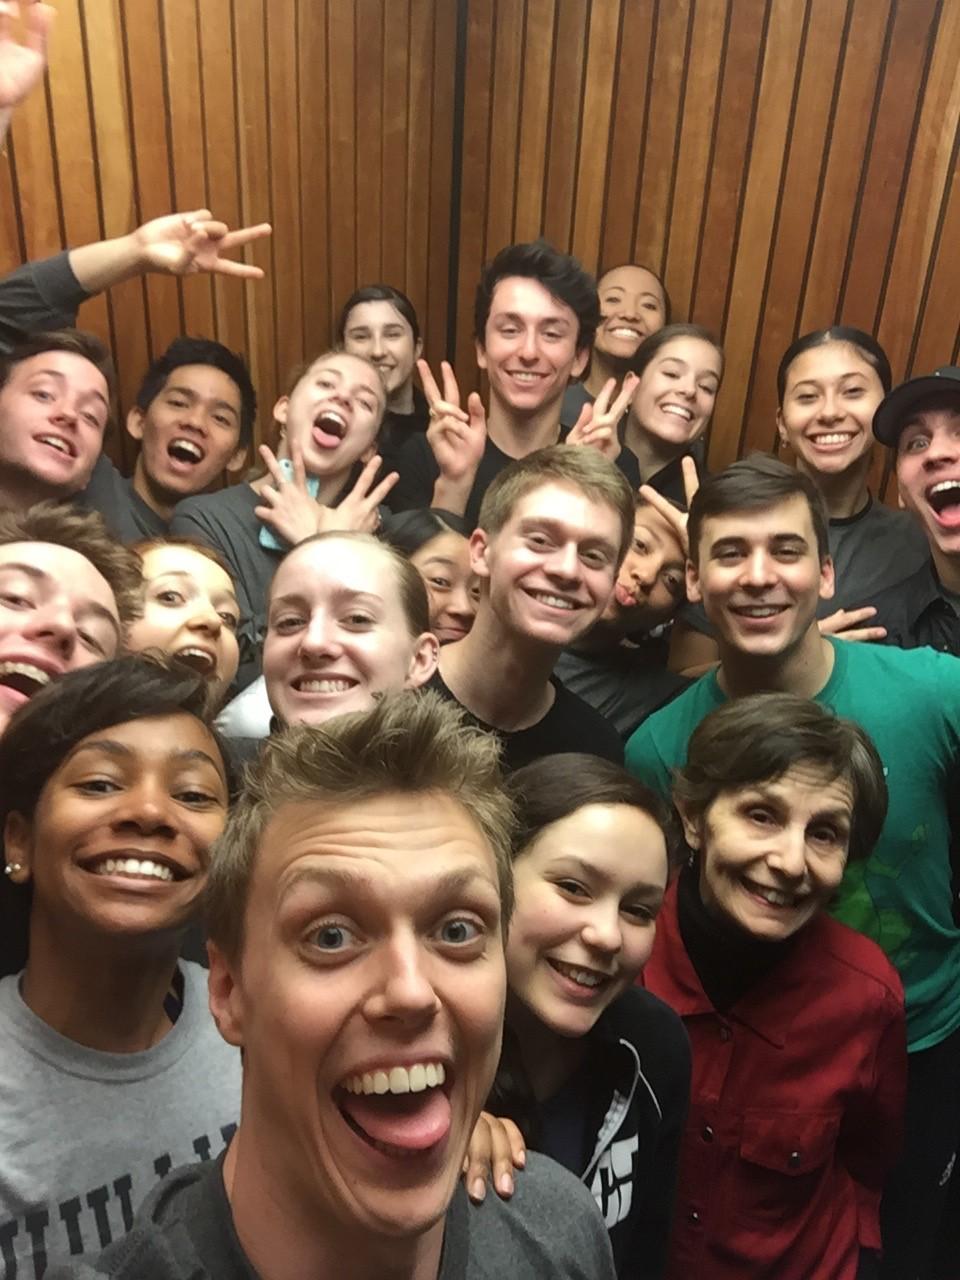 (Elevator selfie!)